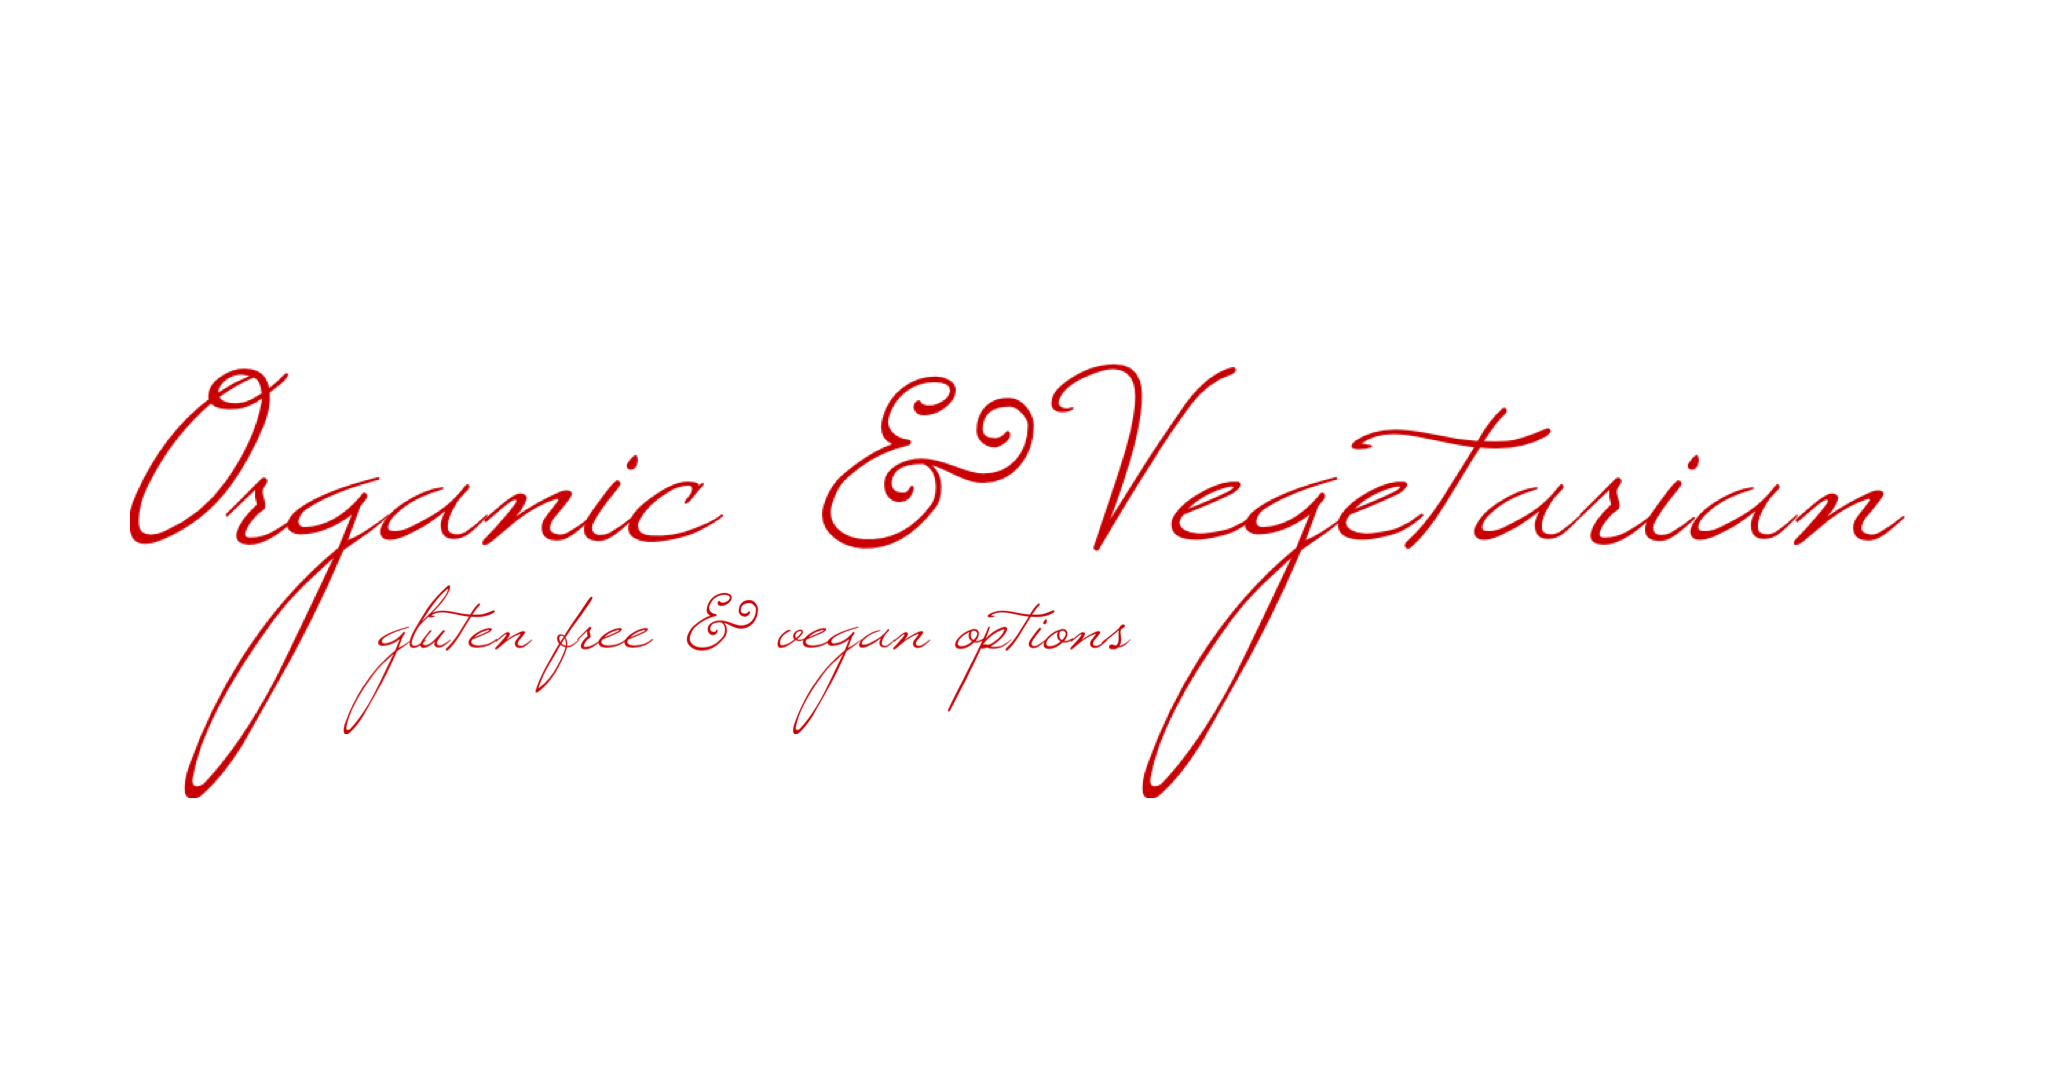 Organic _Vegetarian_Vegan_gluten_Free.PNG